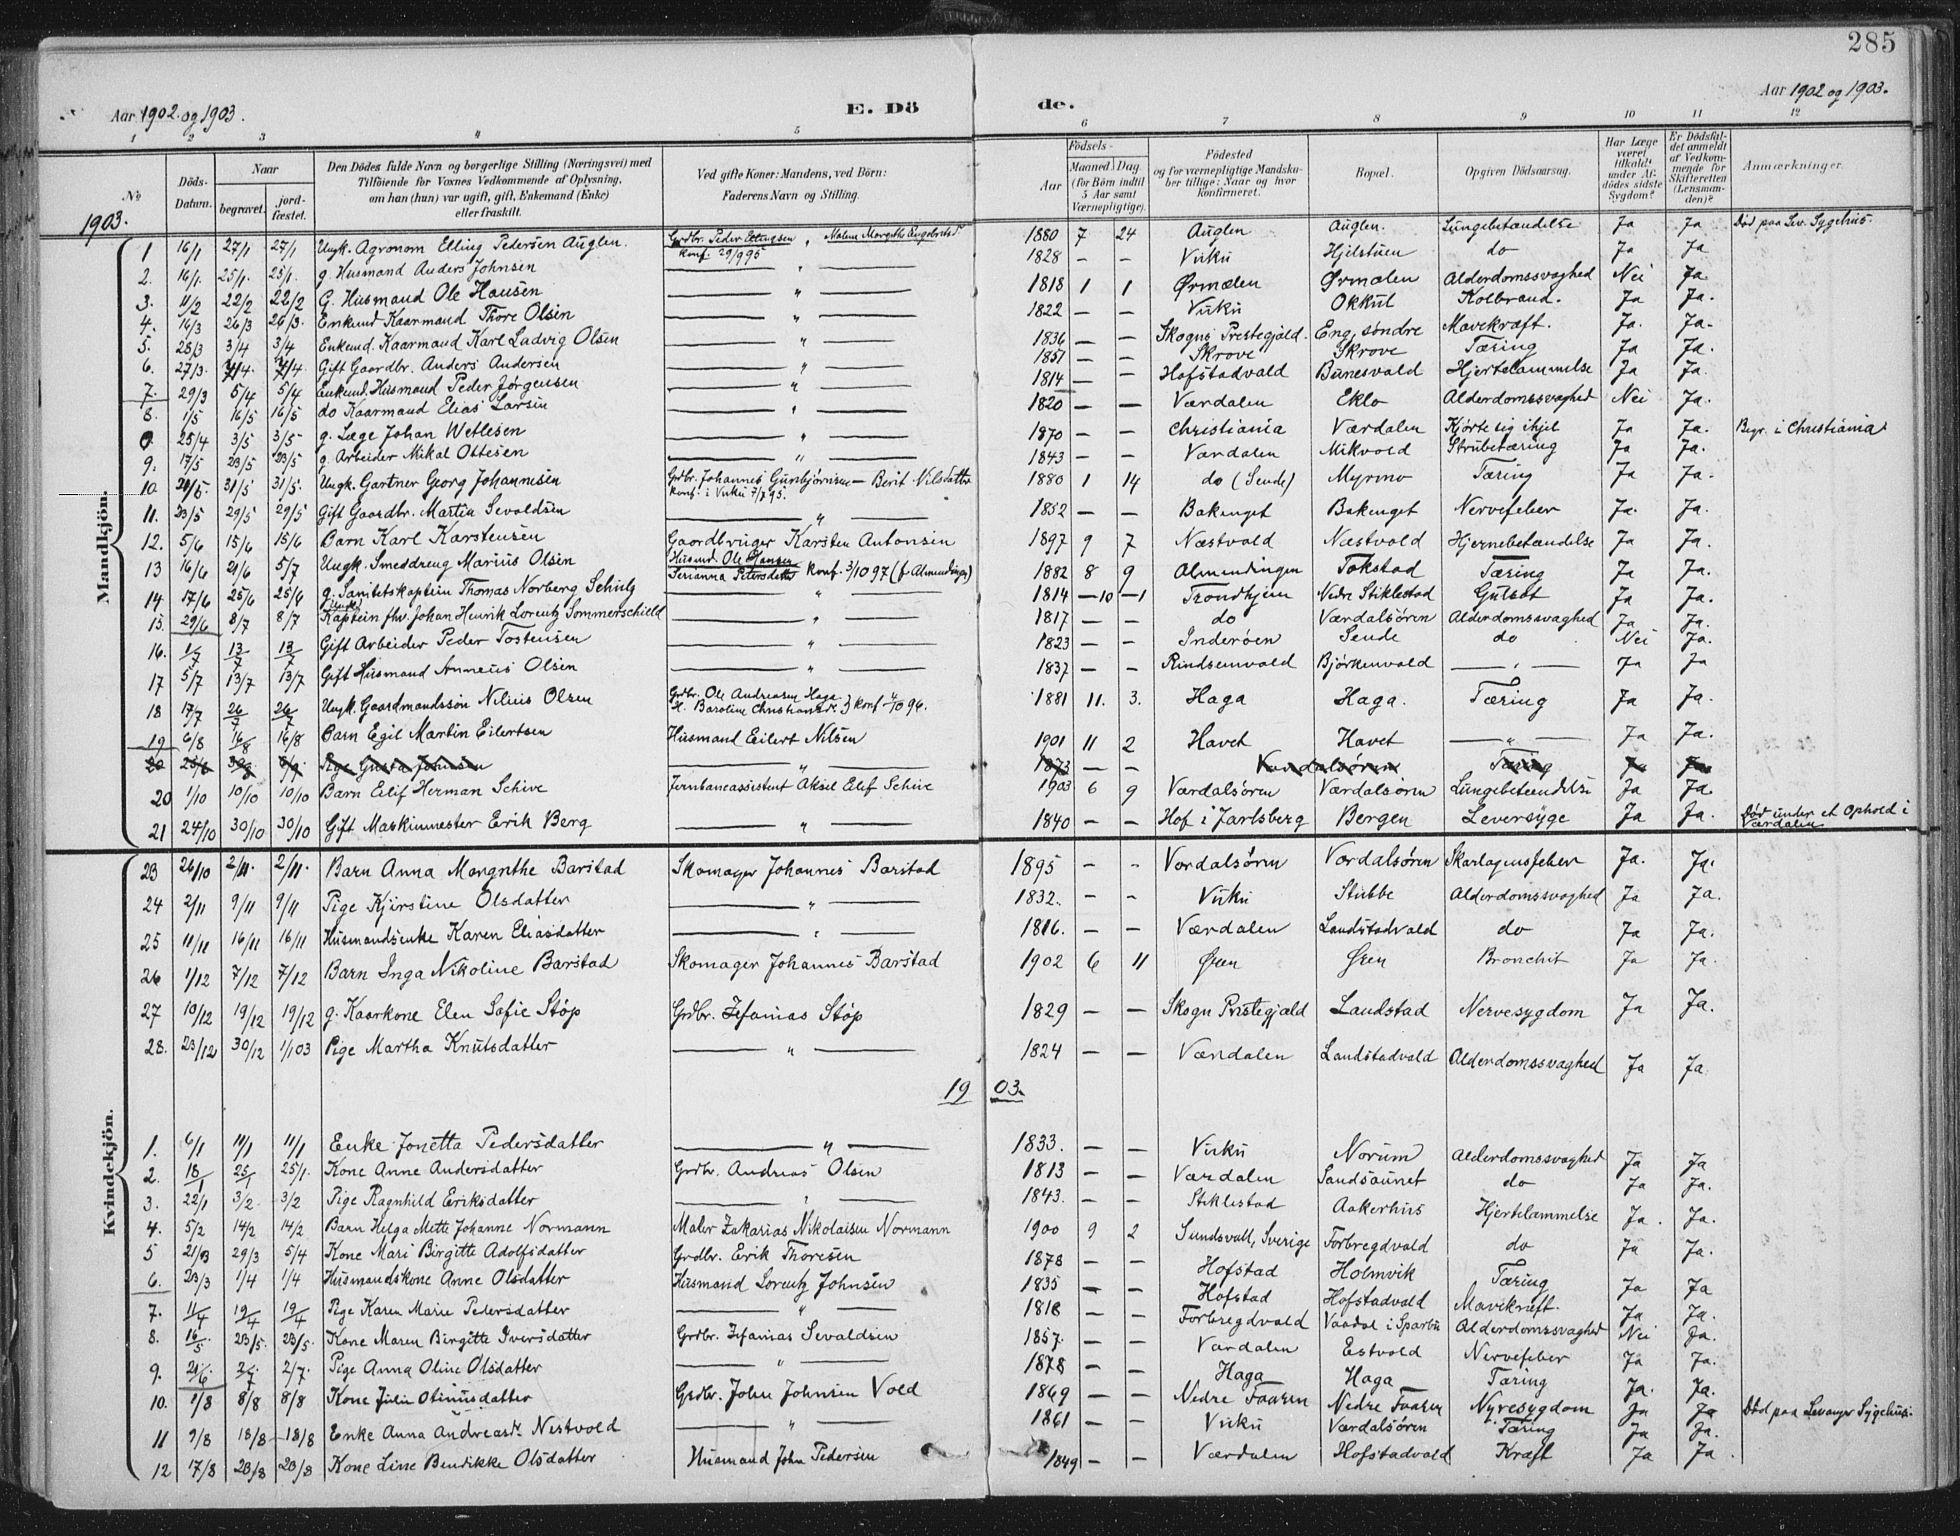 SAT, Ministerialprotokoller, klokkerbøker og fødselsregistre - Nord-Trøndelag, 723/L0246: Ministerialbok nr. 723A15, 1900-1917, s. 285